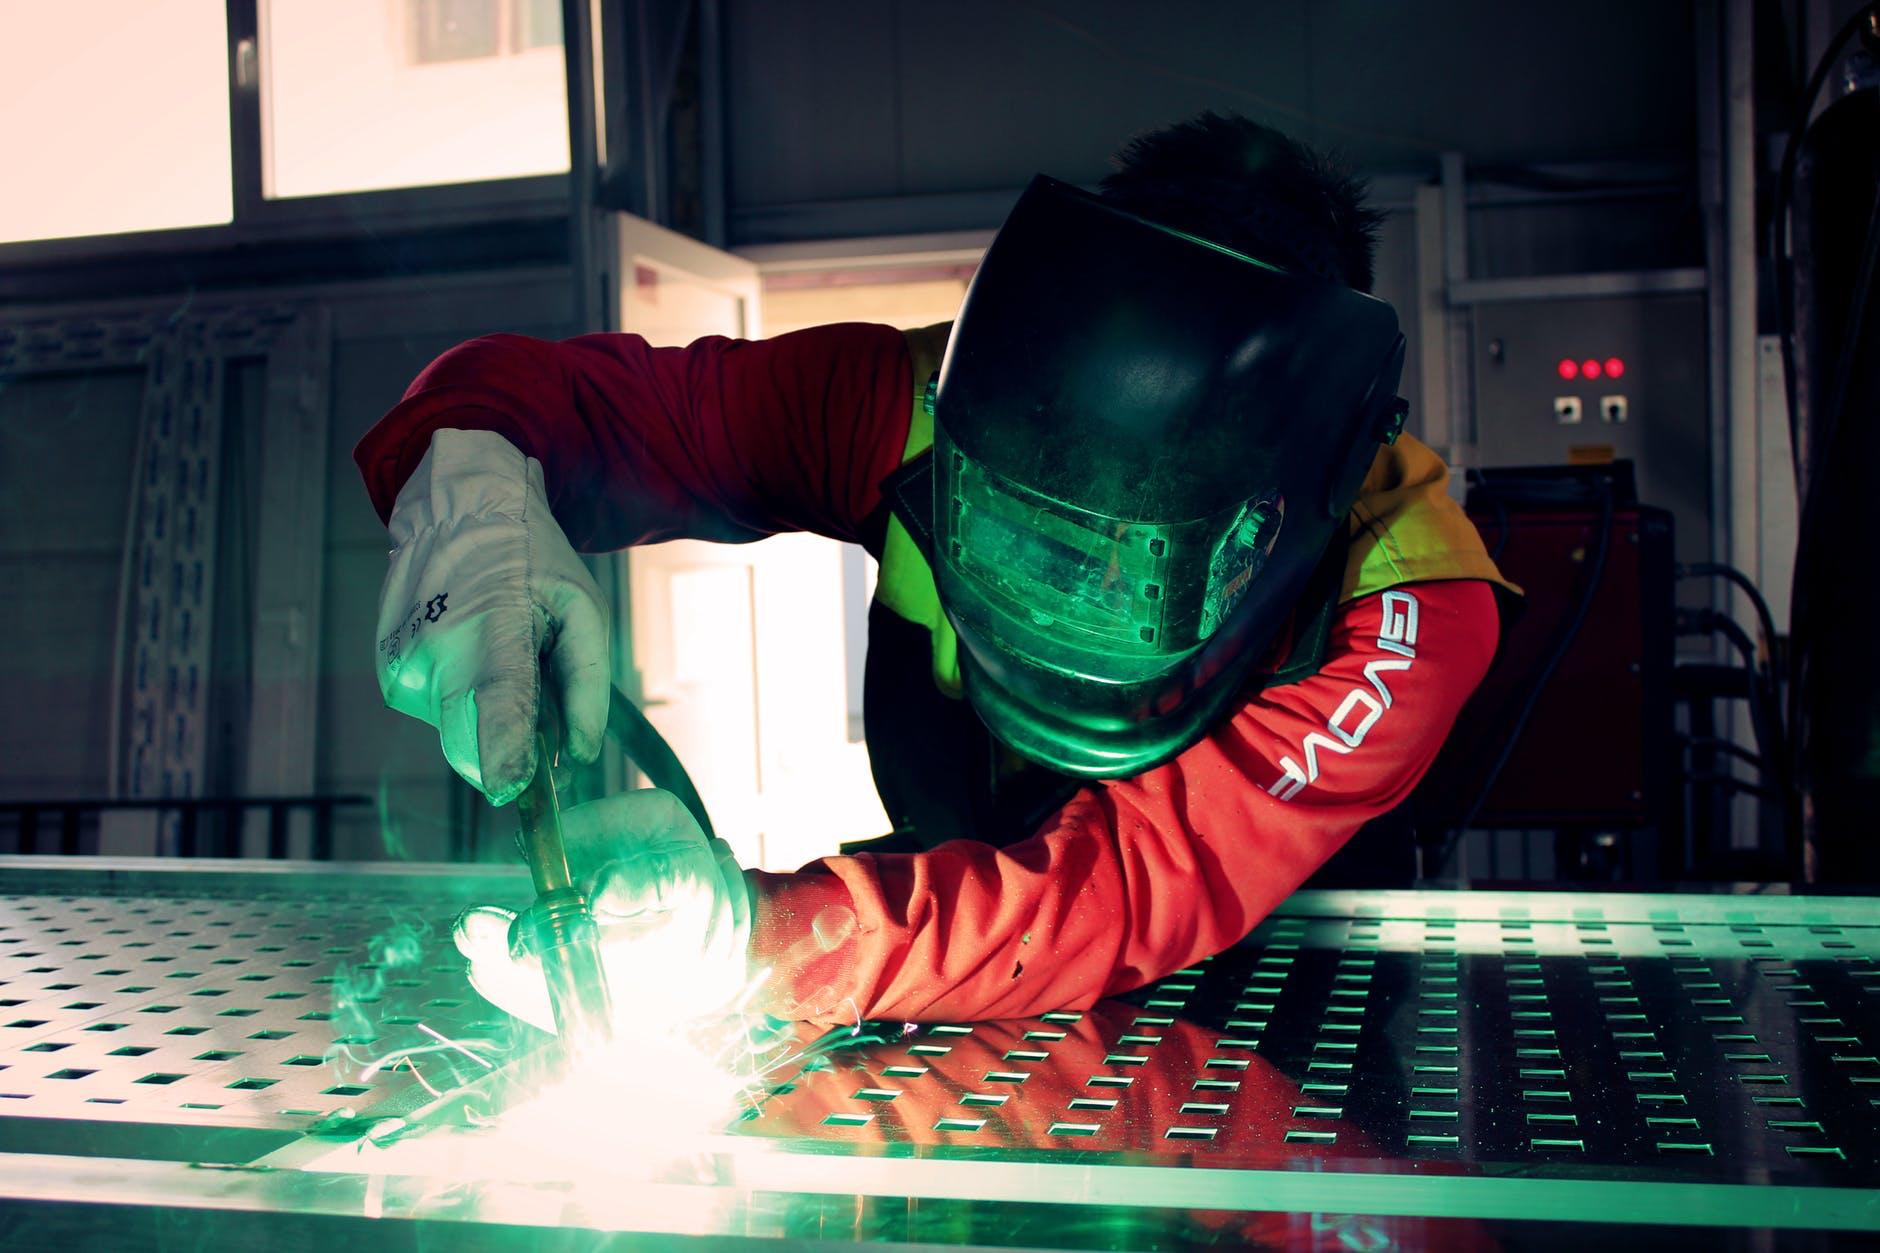 La costruzione di campioni europei della manifattura riassunta dall'immagine di un operaio saldatore.